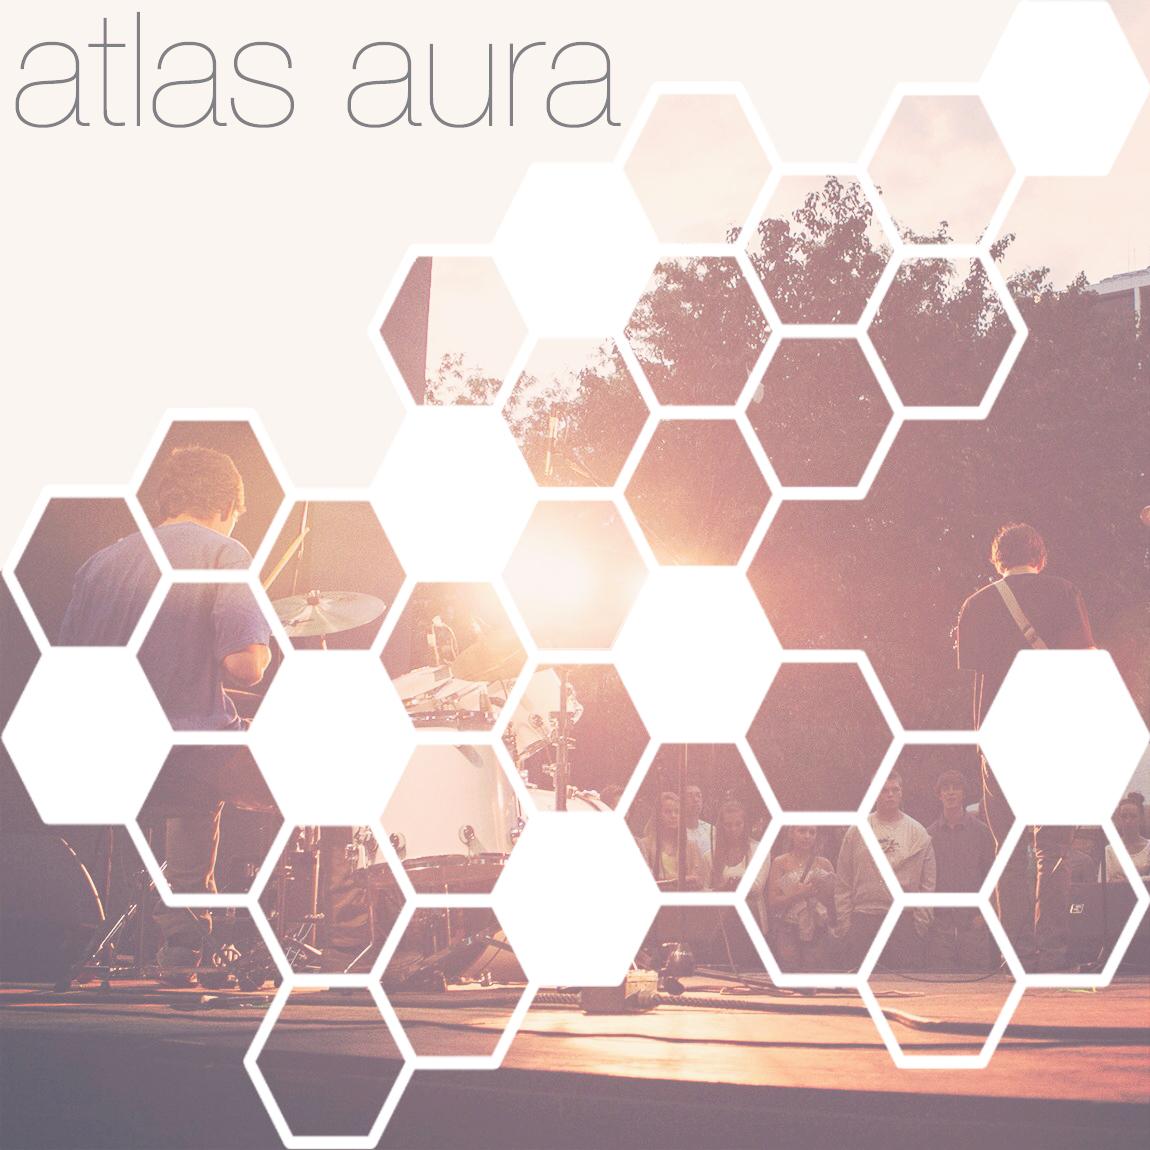 5_atlasaura_hex_.jpg